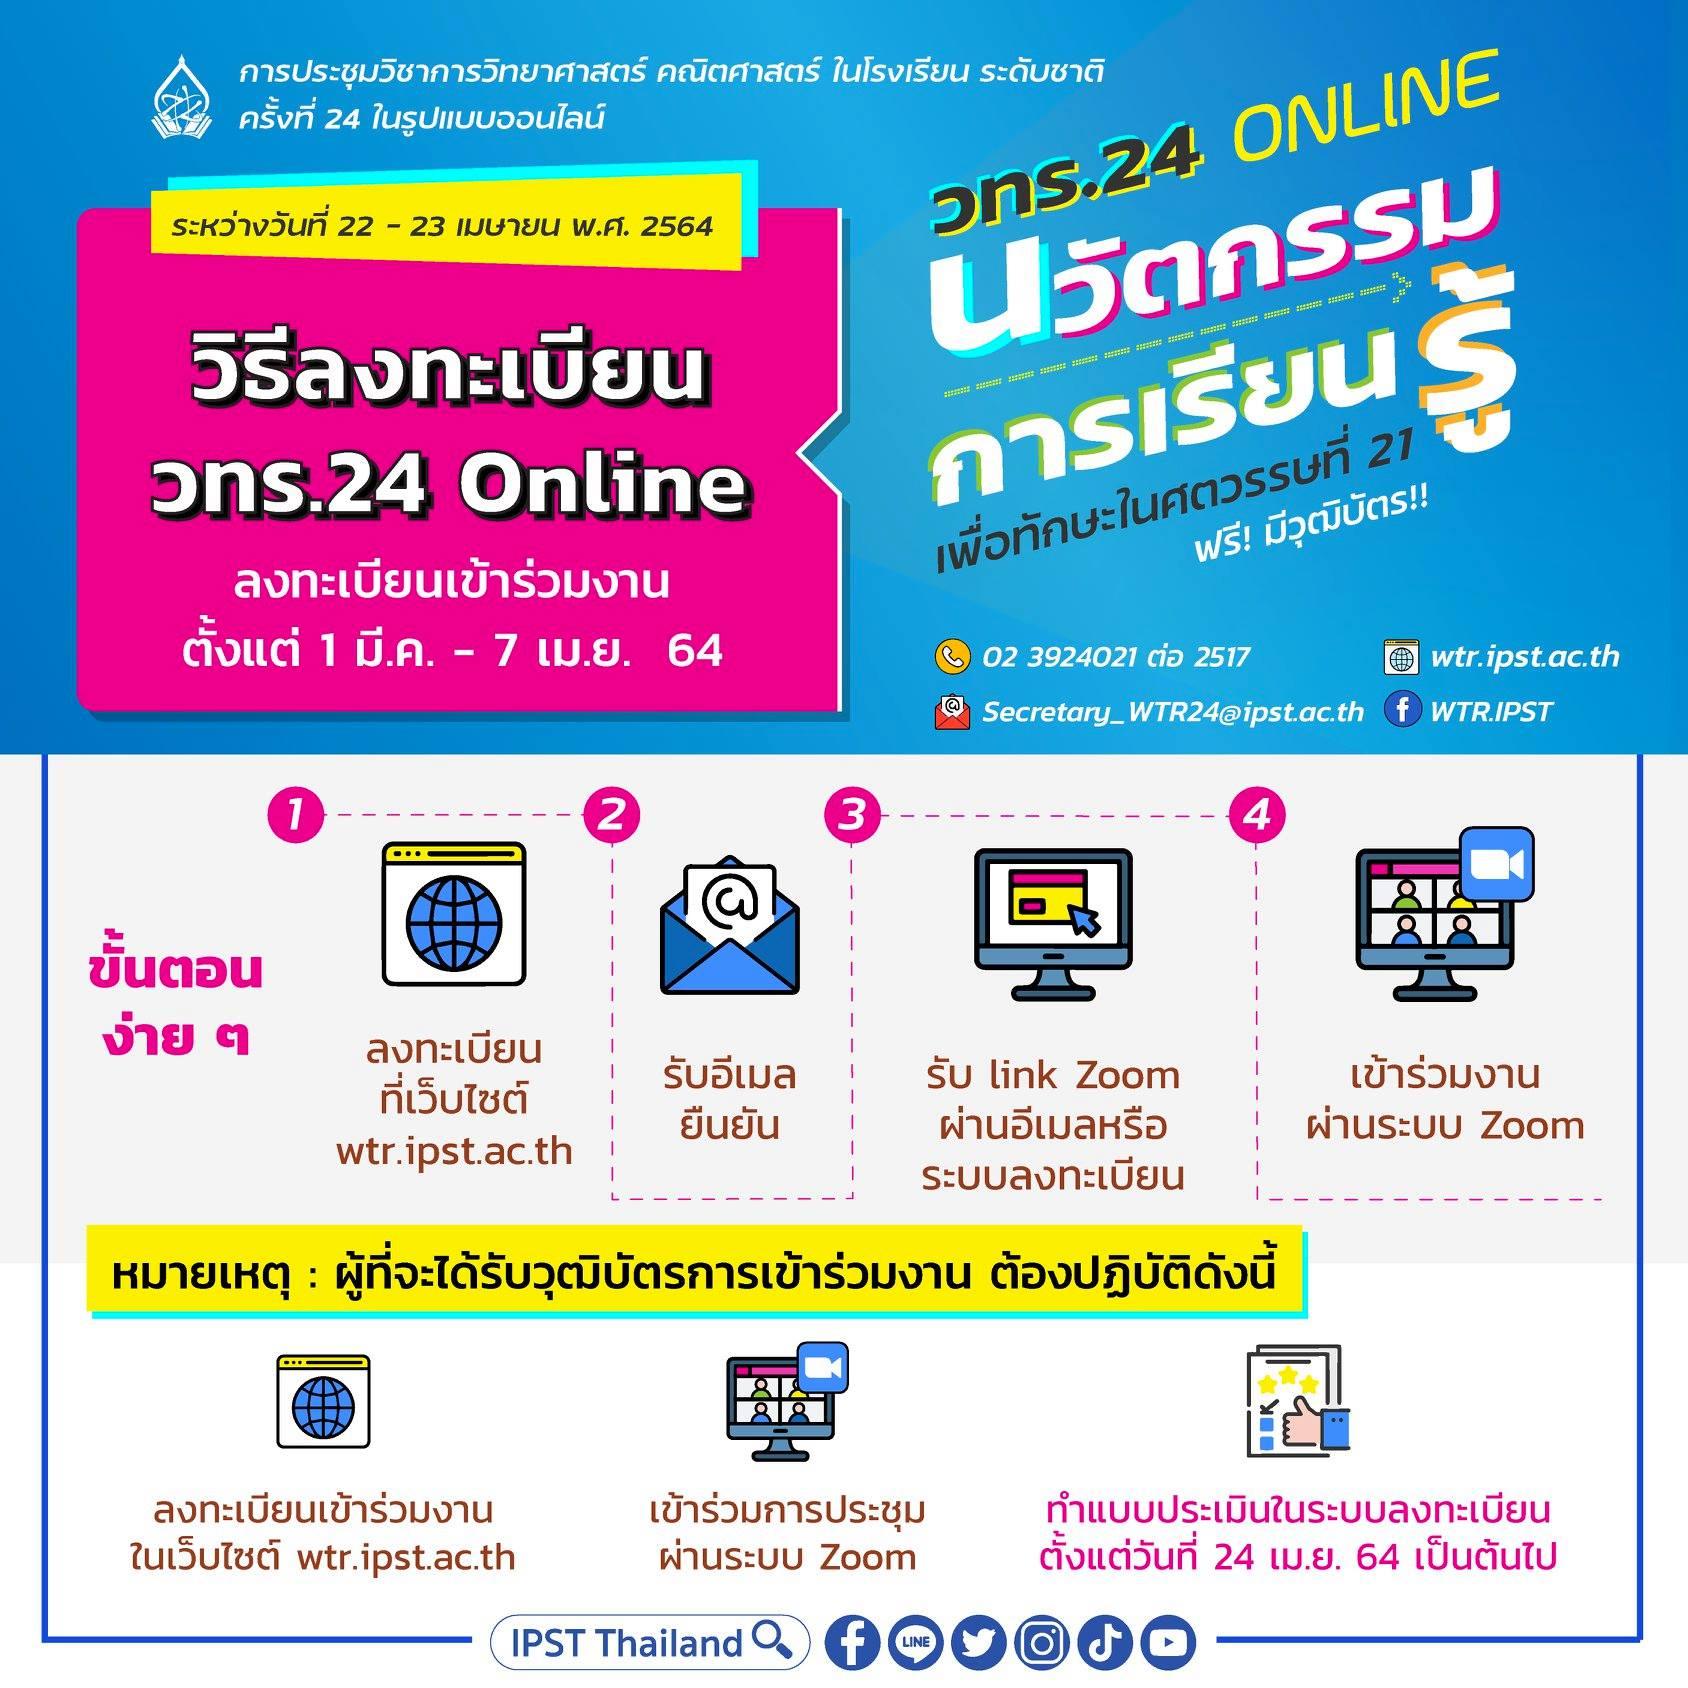 เตรียมตัว!! วิธีการลงทะเบียน วทร.24 Online ง่ายๆ ลงทะเบียน พร้อมรับวุฒิบัตรฟรี